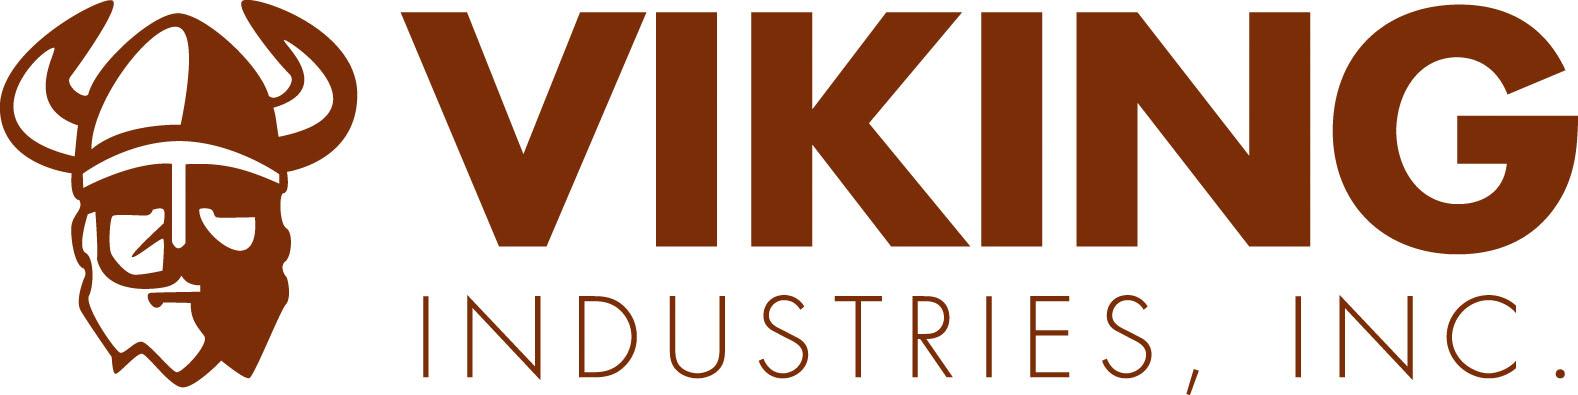 Viking Industries Logo